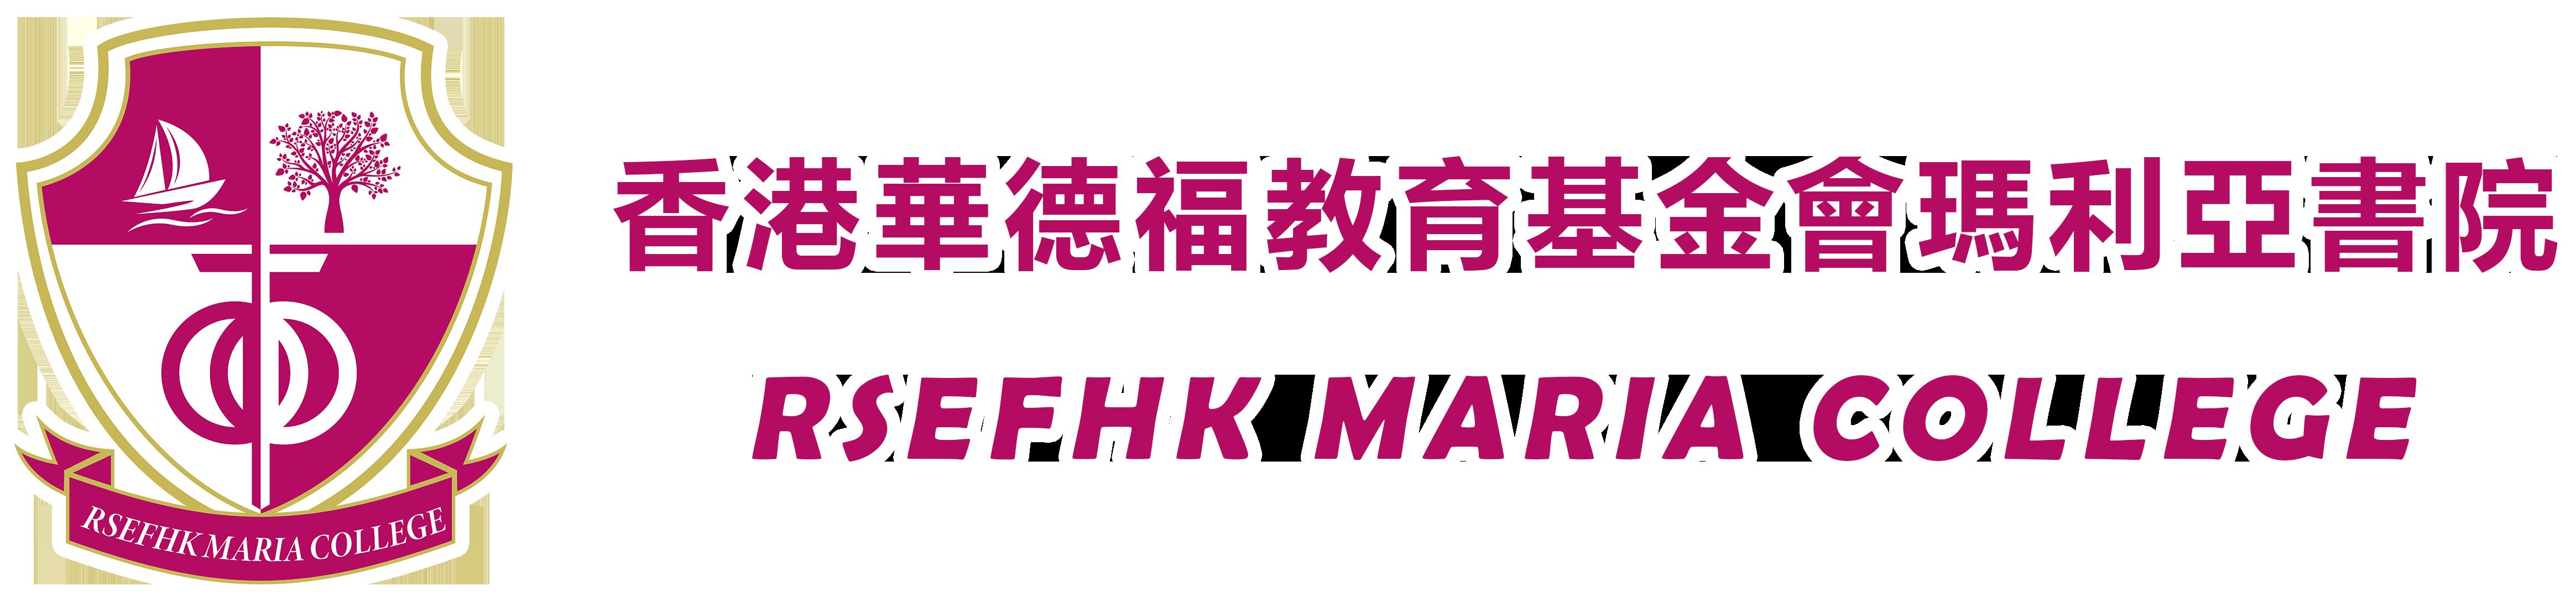 香港華德福教育基金會瑪利亞書院 Logo